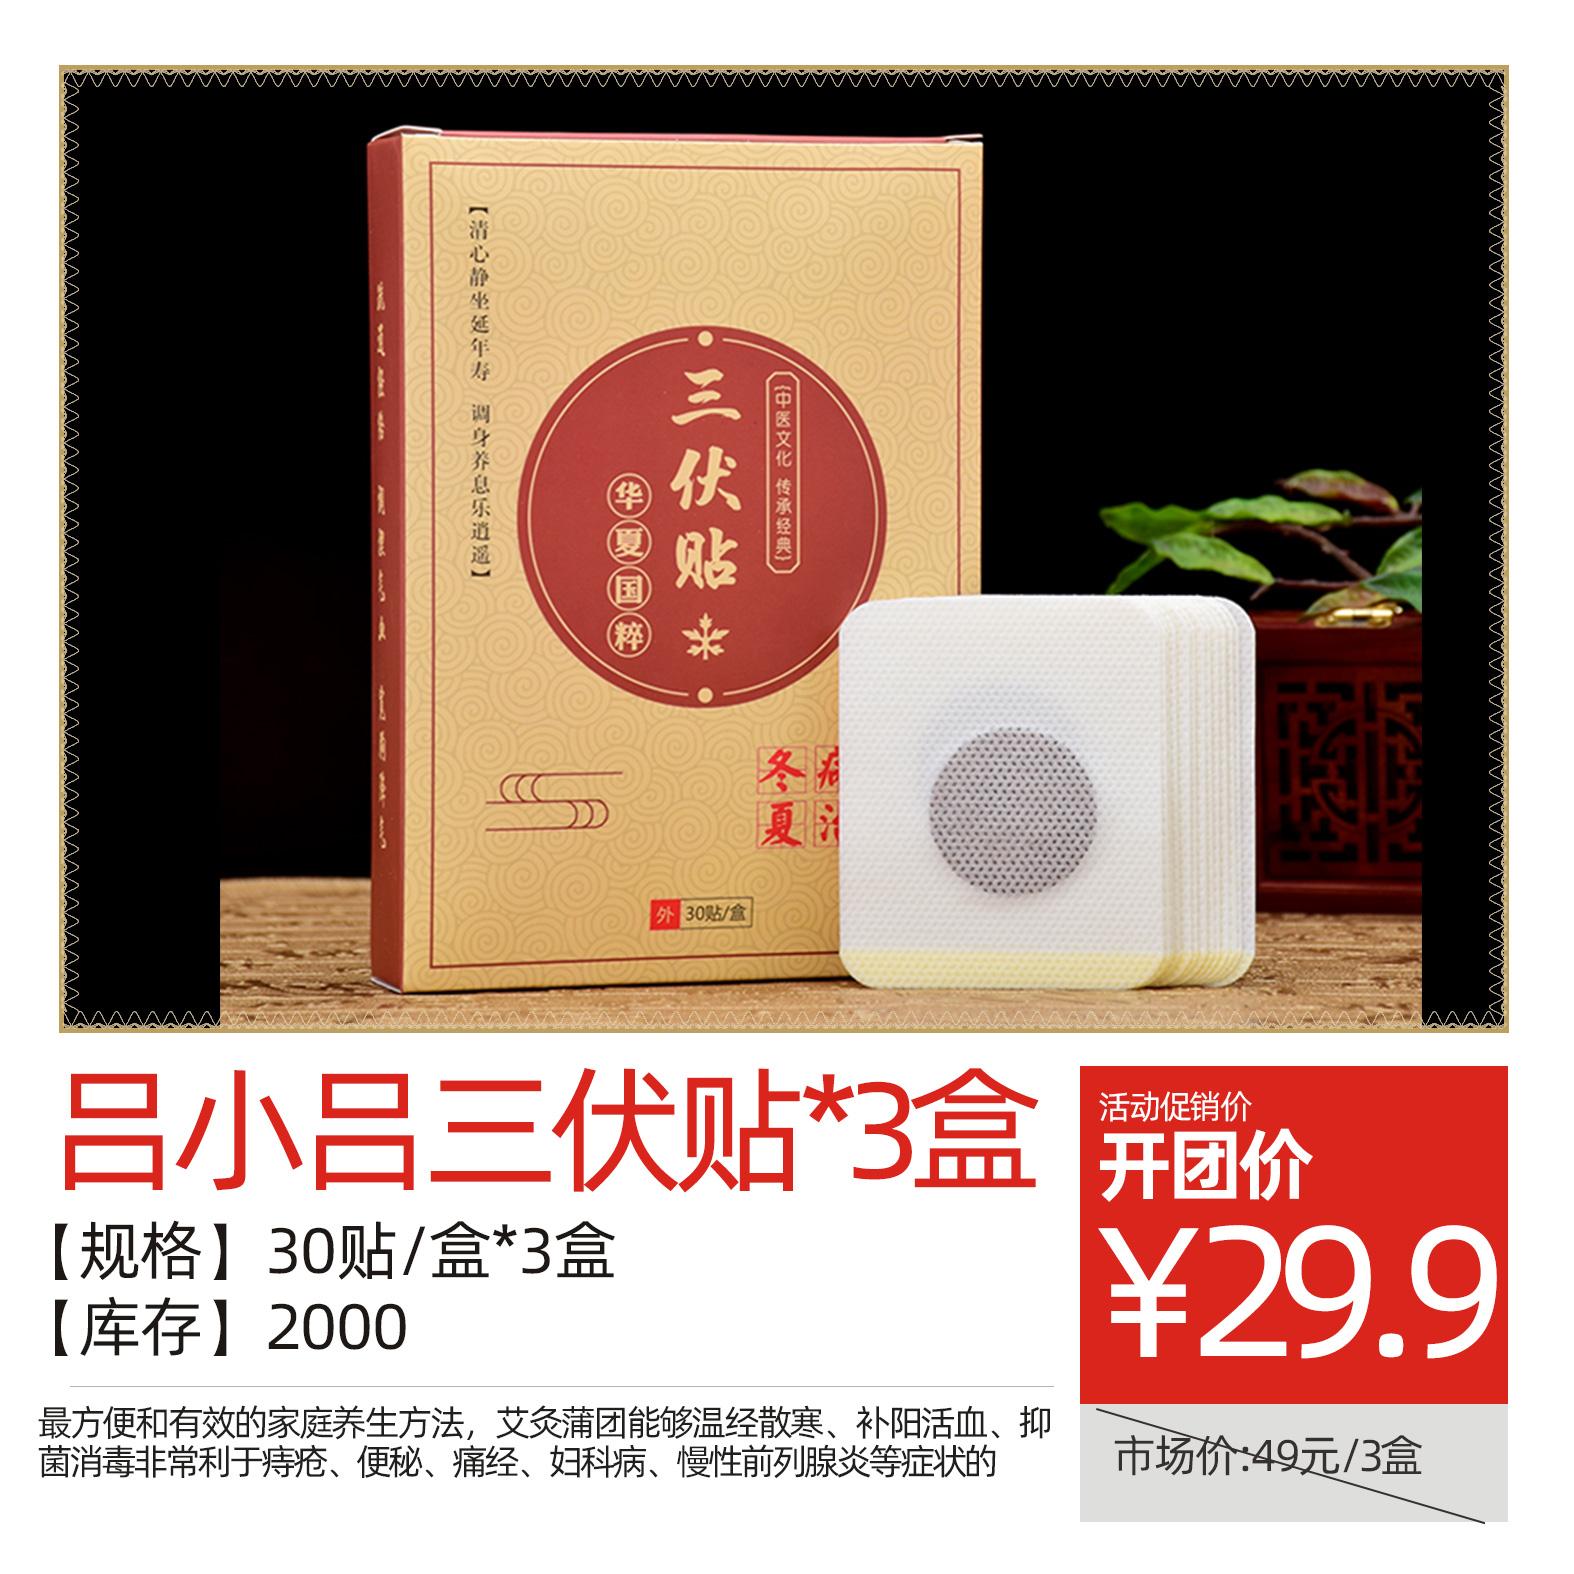 吕小吕三伏贴**3盒